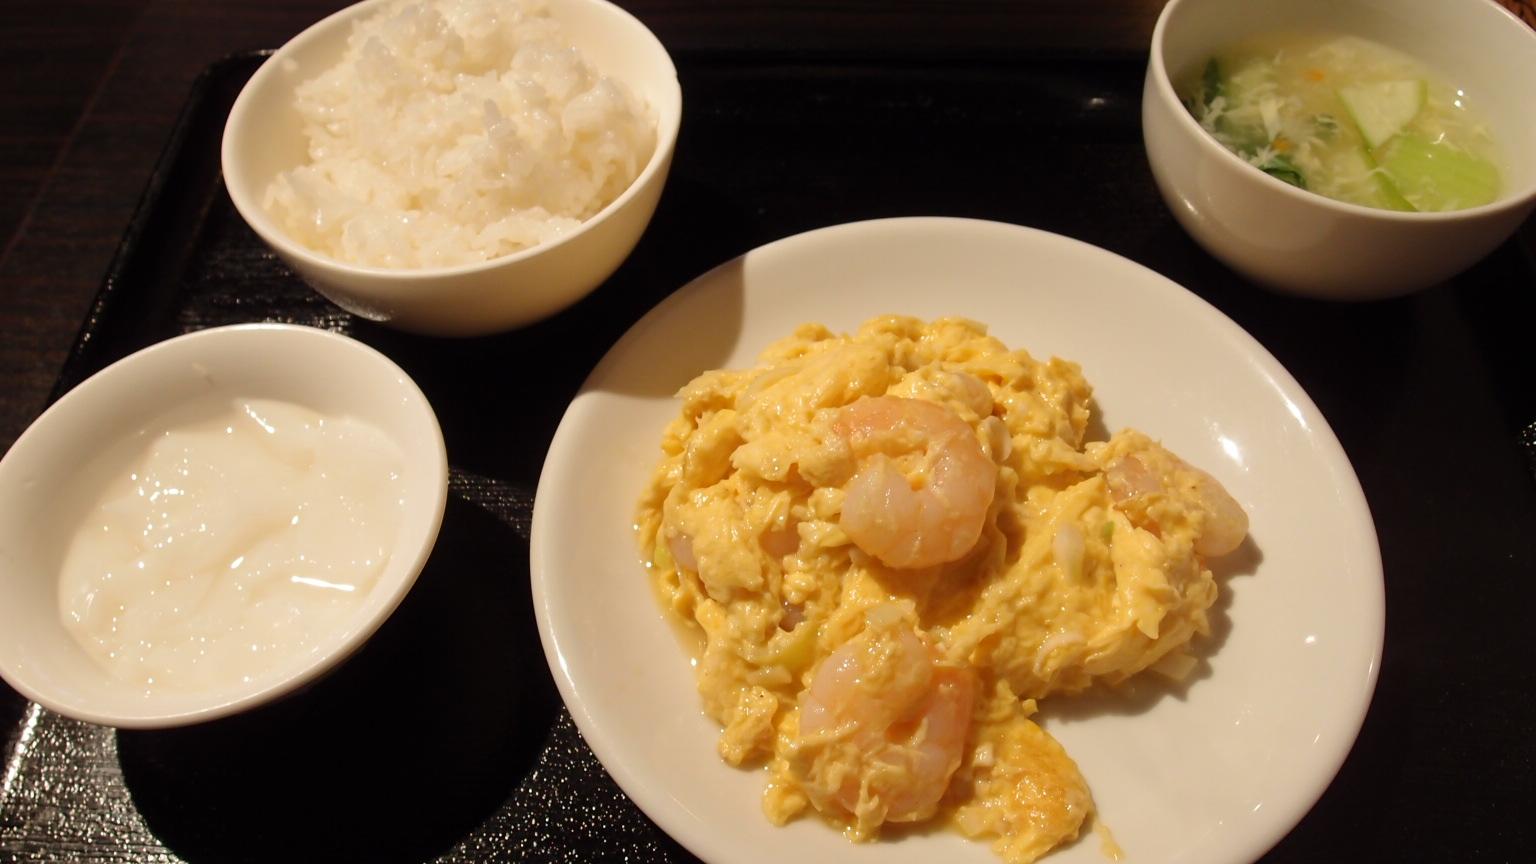 銀座 大上海 エビと玉子炒めランチ